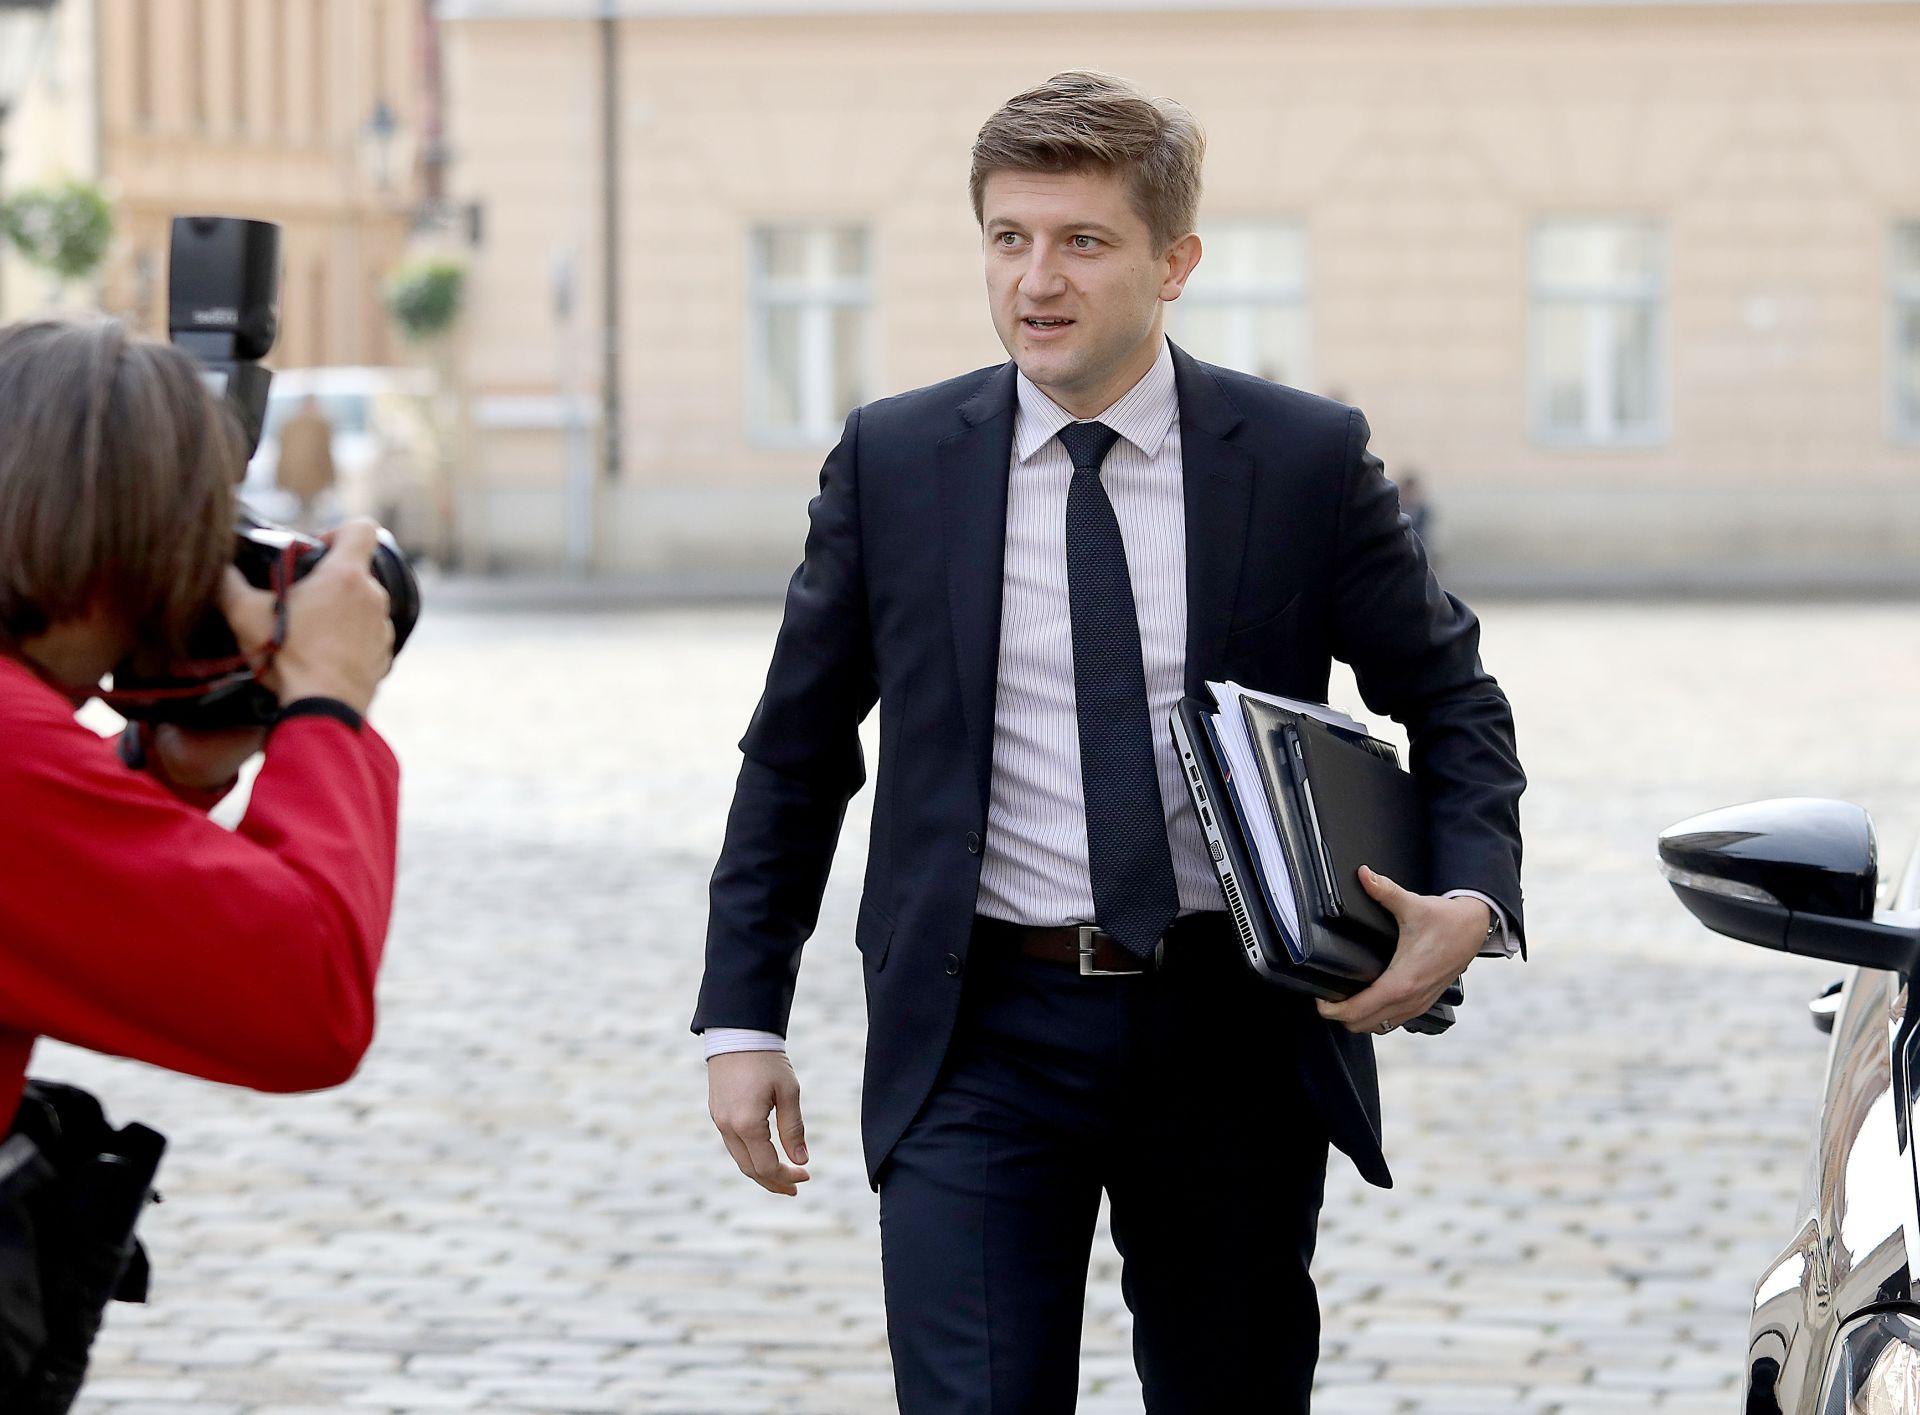 MINISTAR MARIĆ: Porezna reforma uz moguće sitnije dorade treba ostati kakva jest